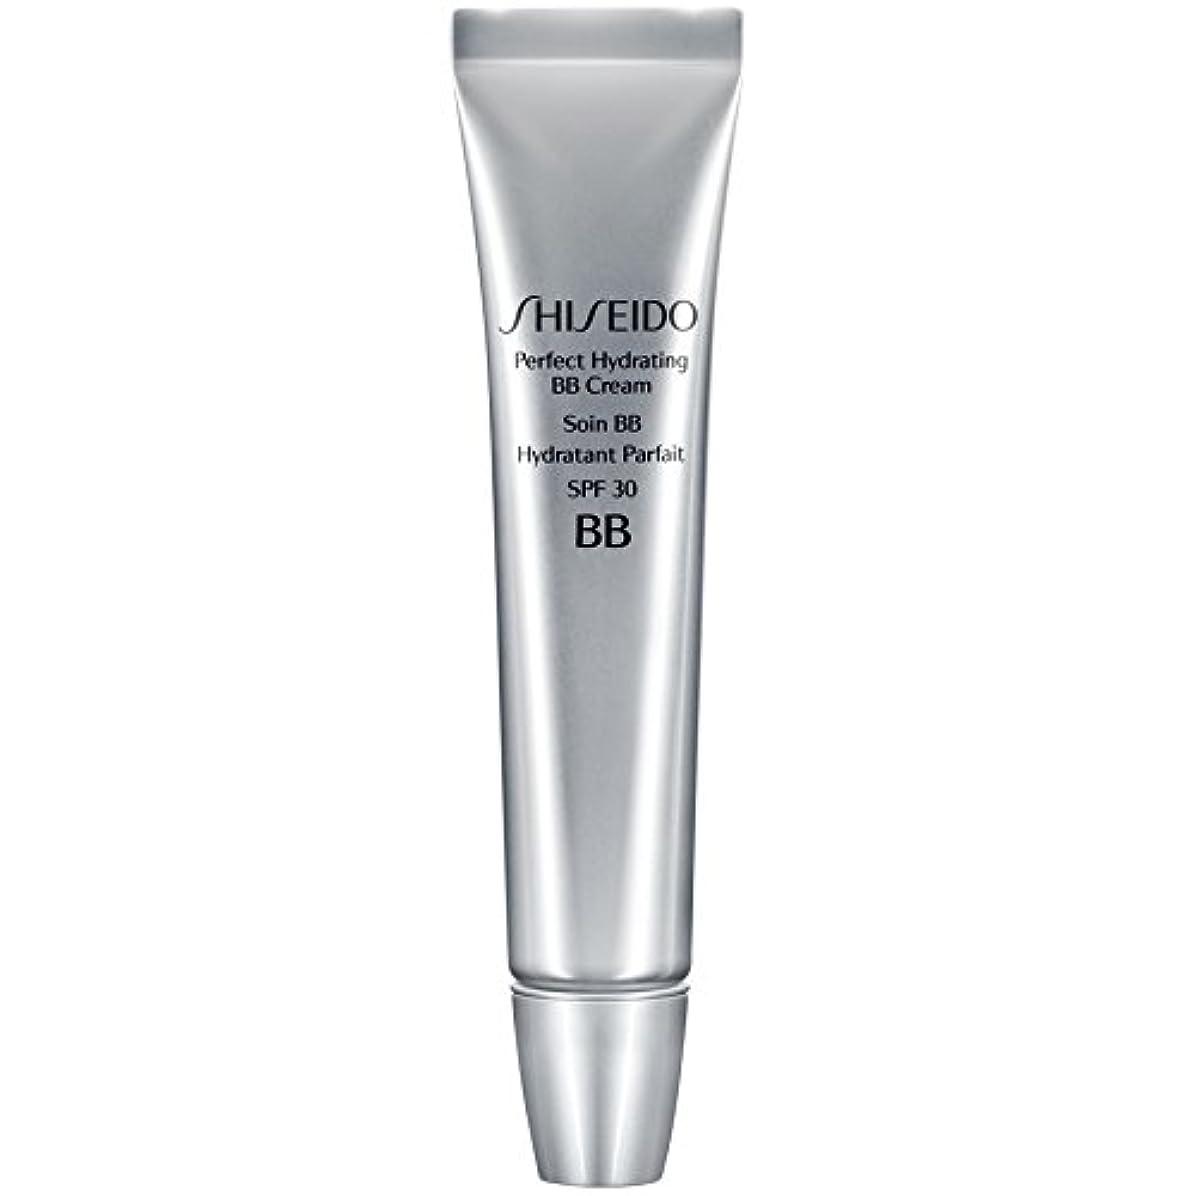 電気技師欠伸過言[Shiseido ] 資生堂完璧な水和BbクリームSpf 30 30ミリリットルの暗いです - Shiseido Perfect Hydrating BB Cream SPF 30 30ml Dark [並行輸入品]